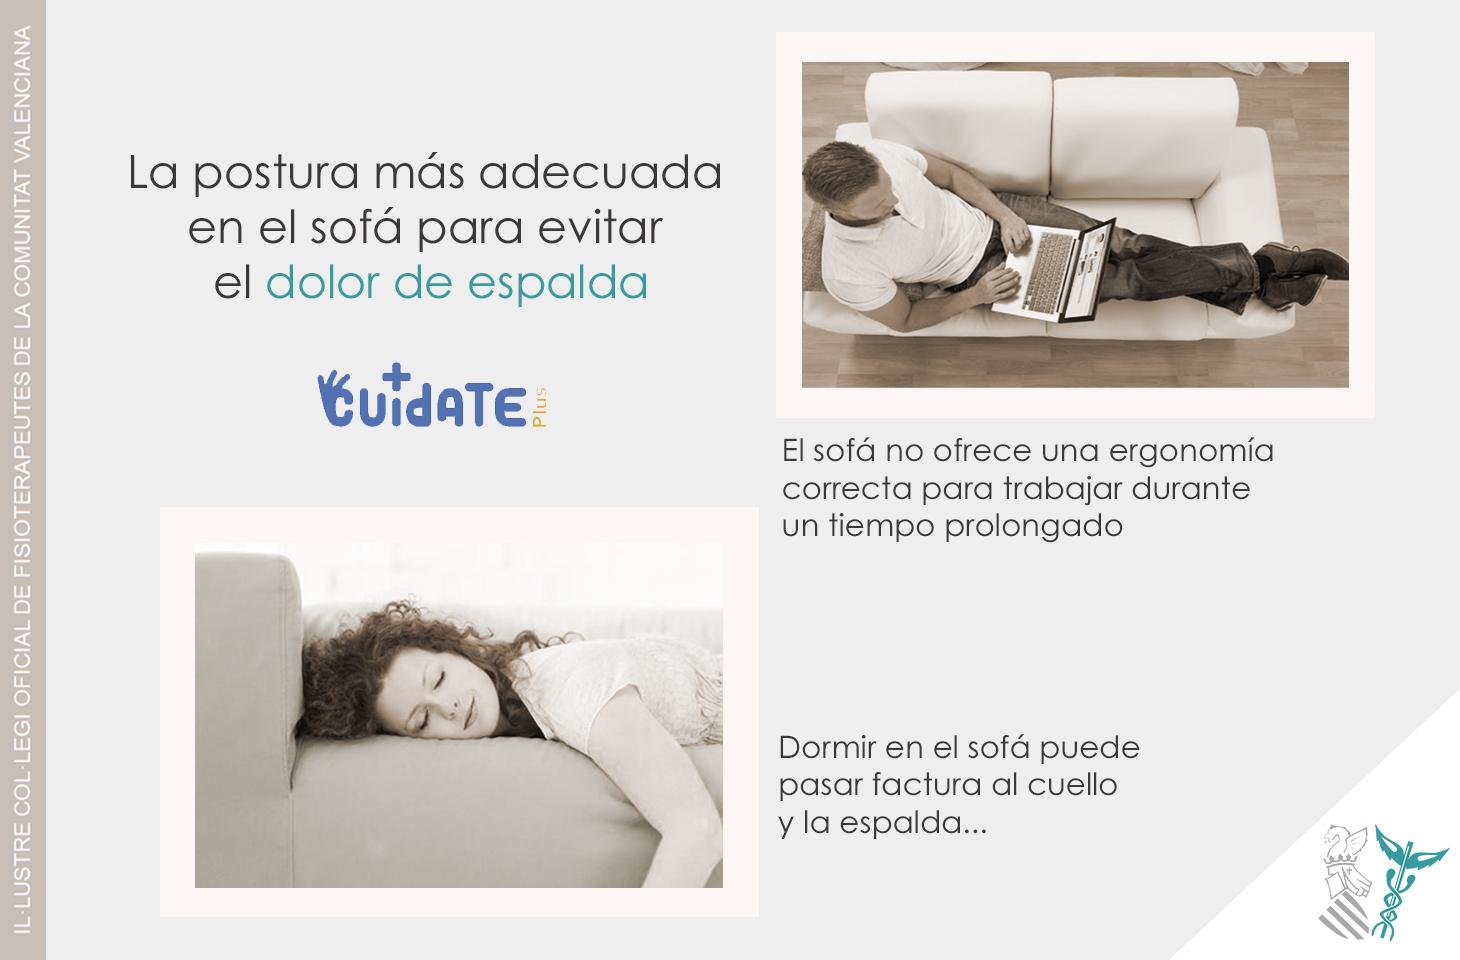 La postura más adecuada en el sofá para evitar el dolor de espalda